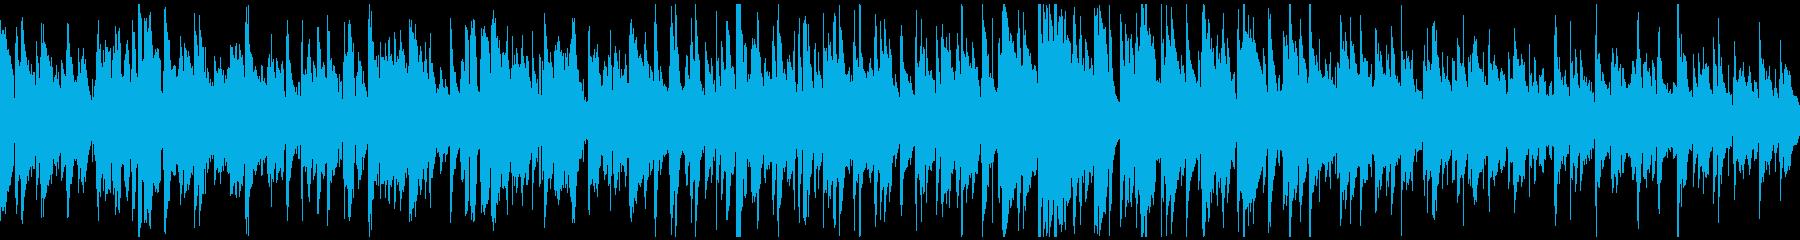 ピュアな雰囲気のボサノバジャズ※ループ版の再生済みの波形